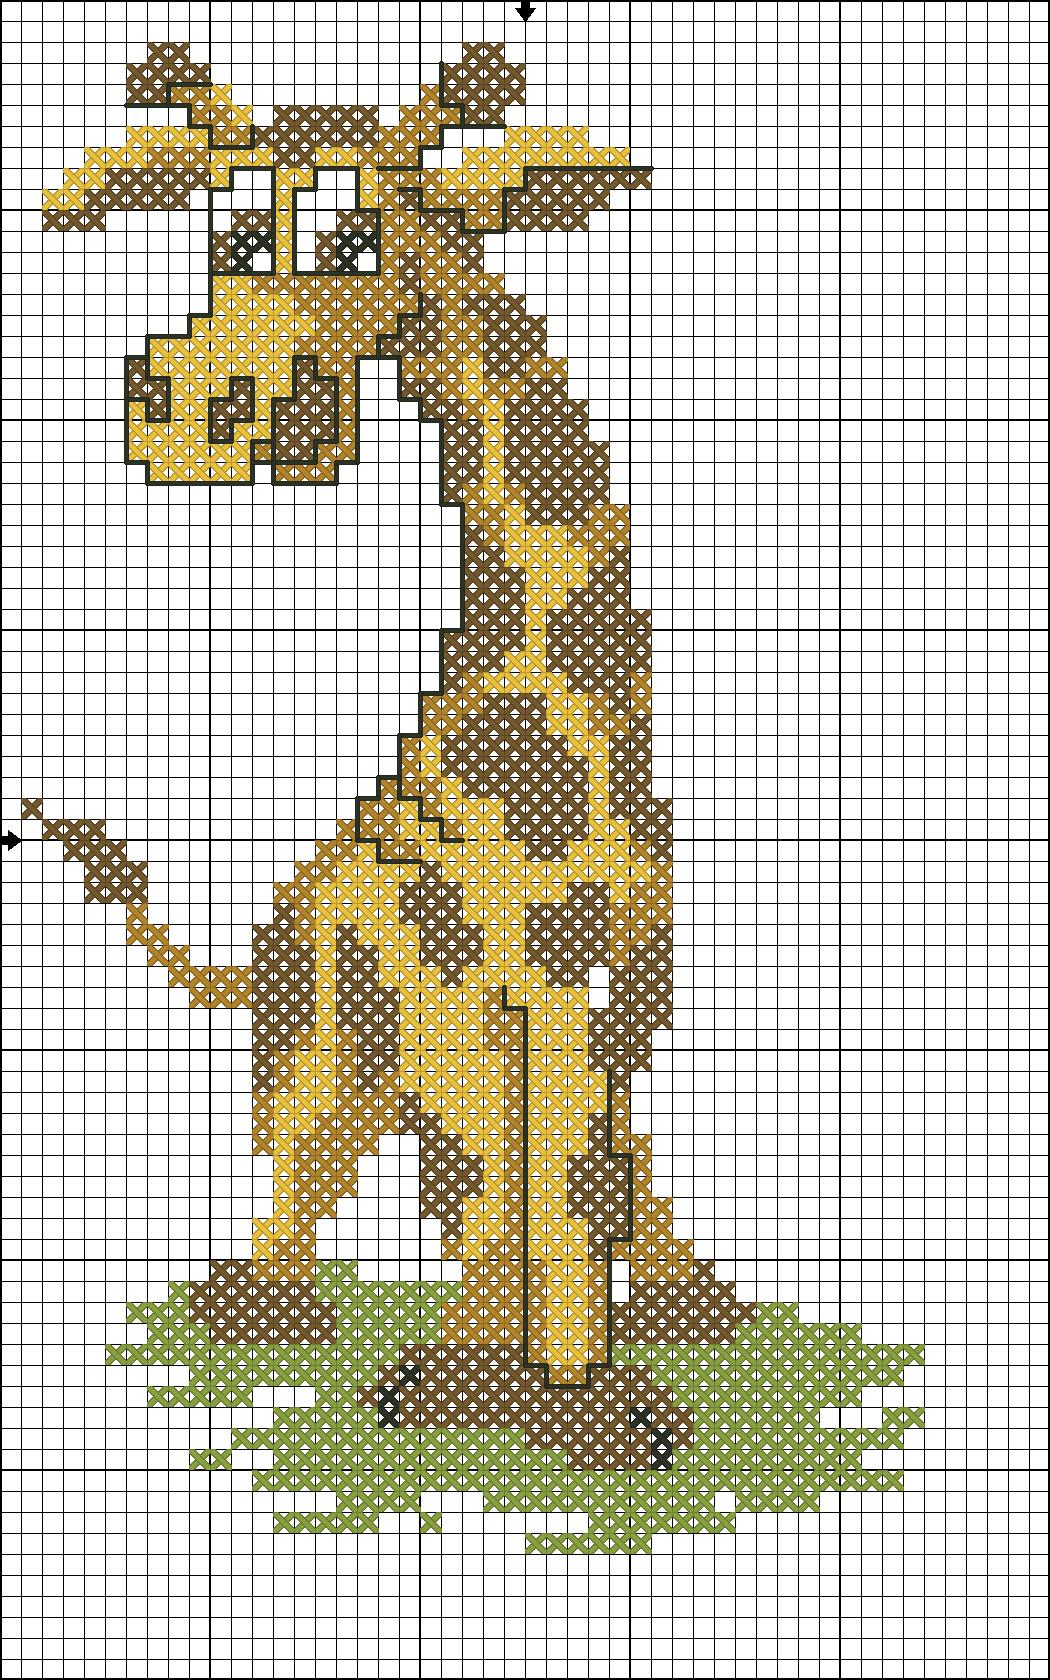 Animali giraffa1 punto croce uncinetto for Giraffa punto croce